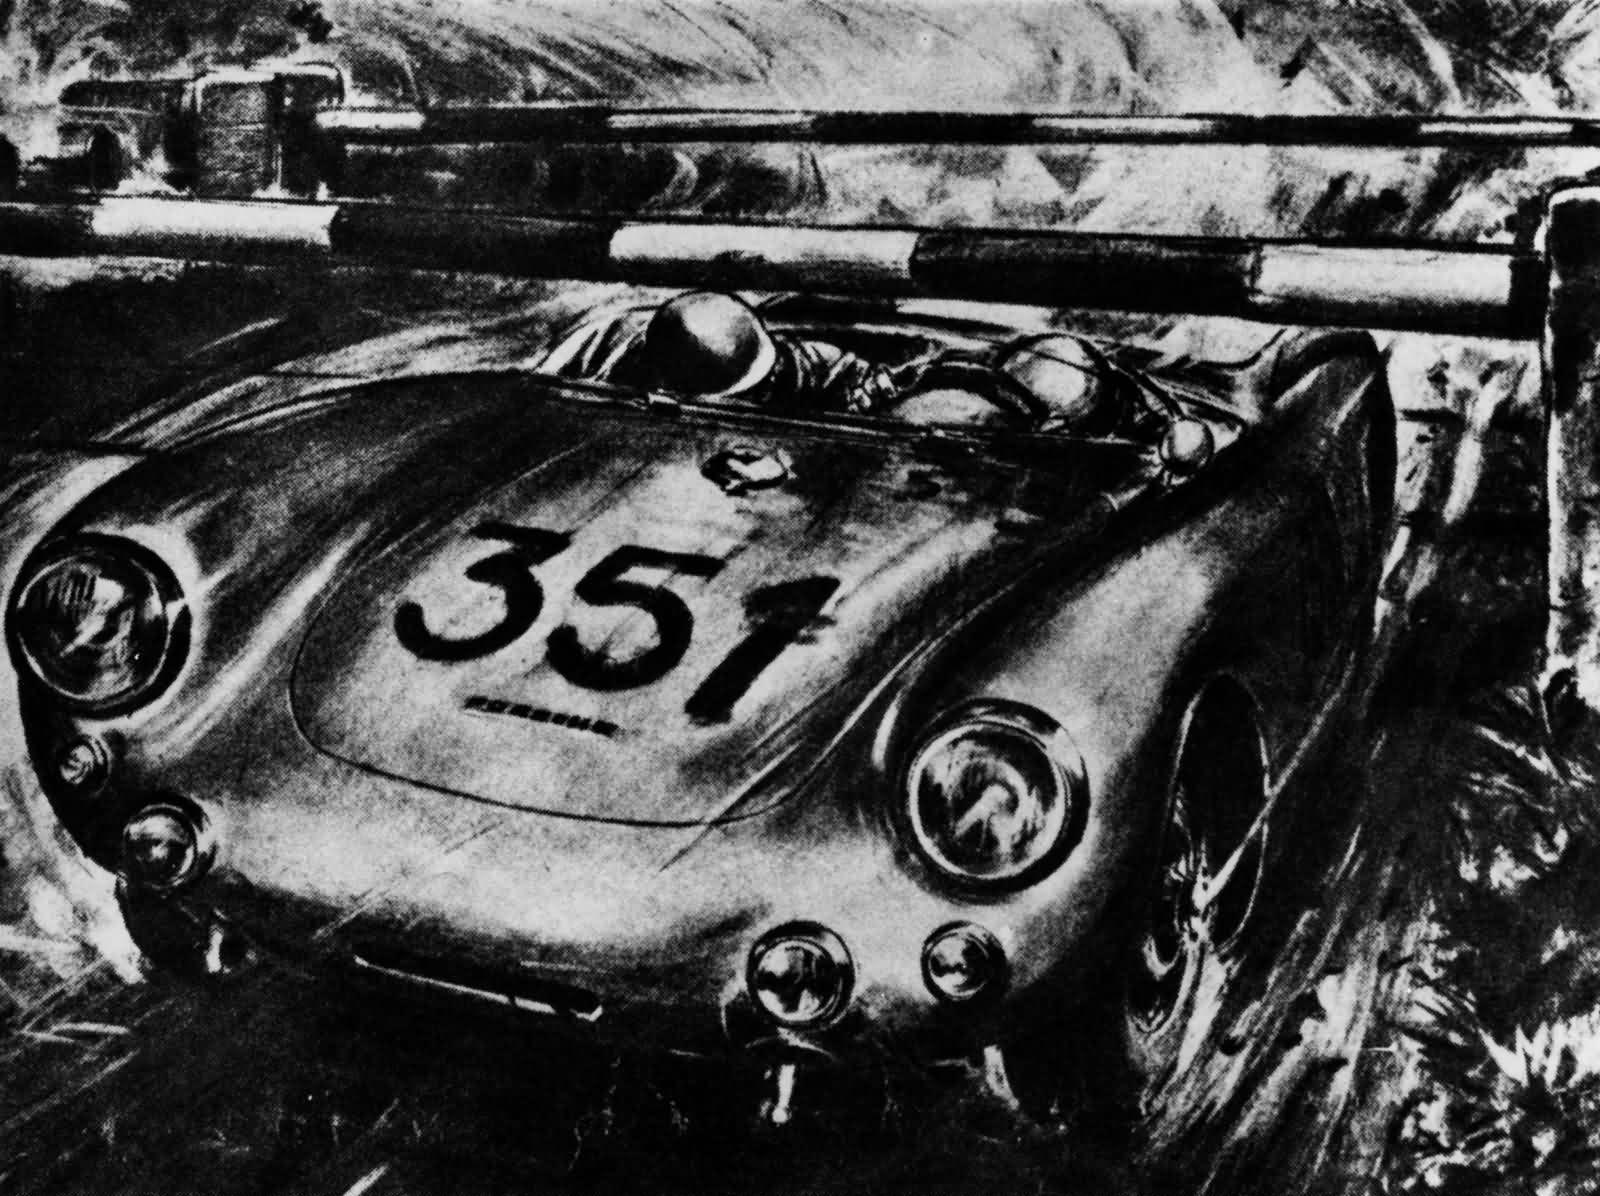 Mille Miglia Spyder 550 Hans Hermann